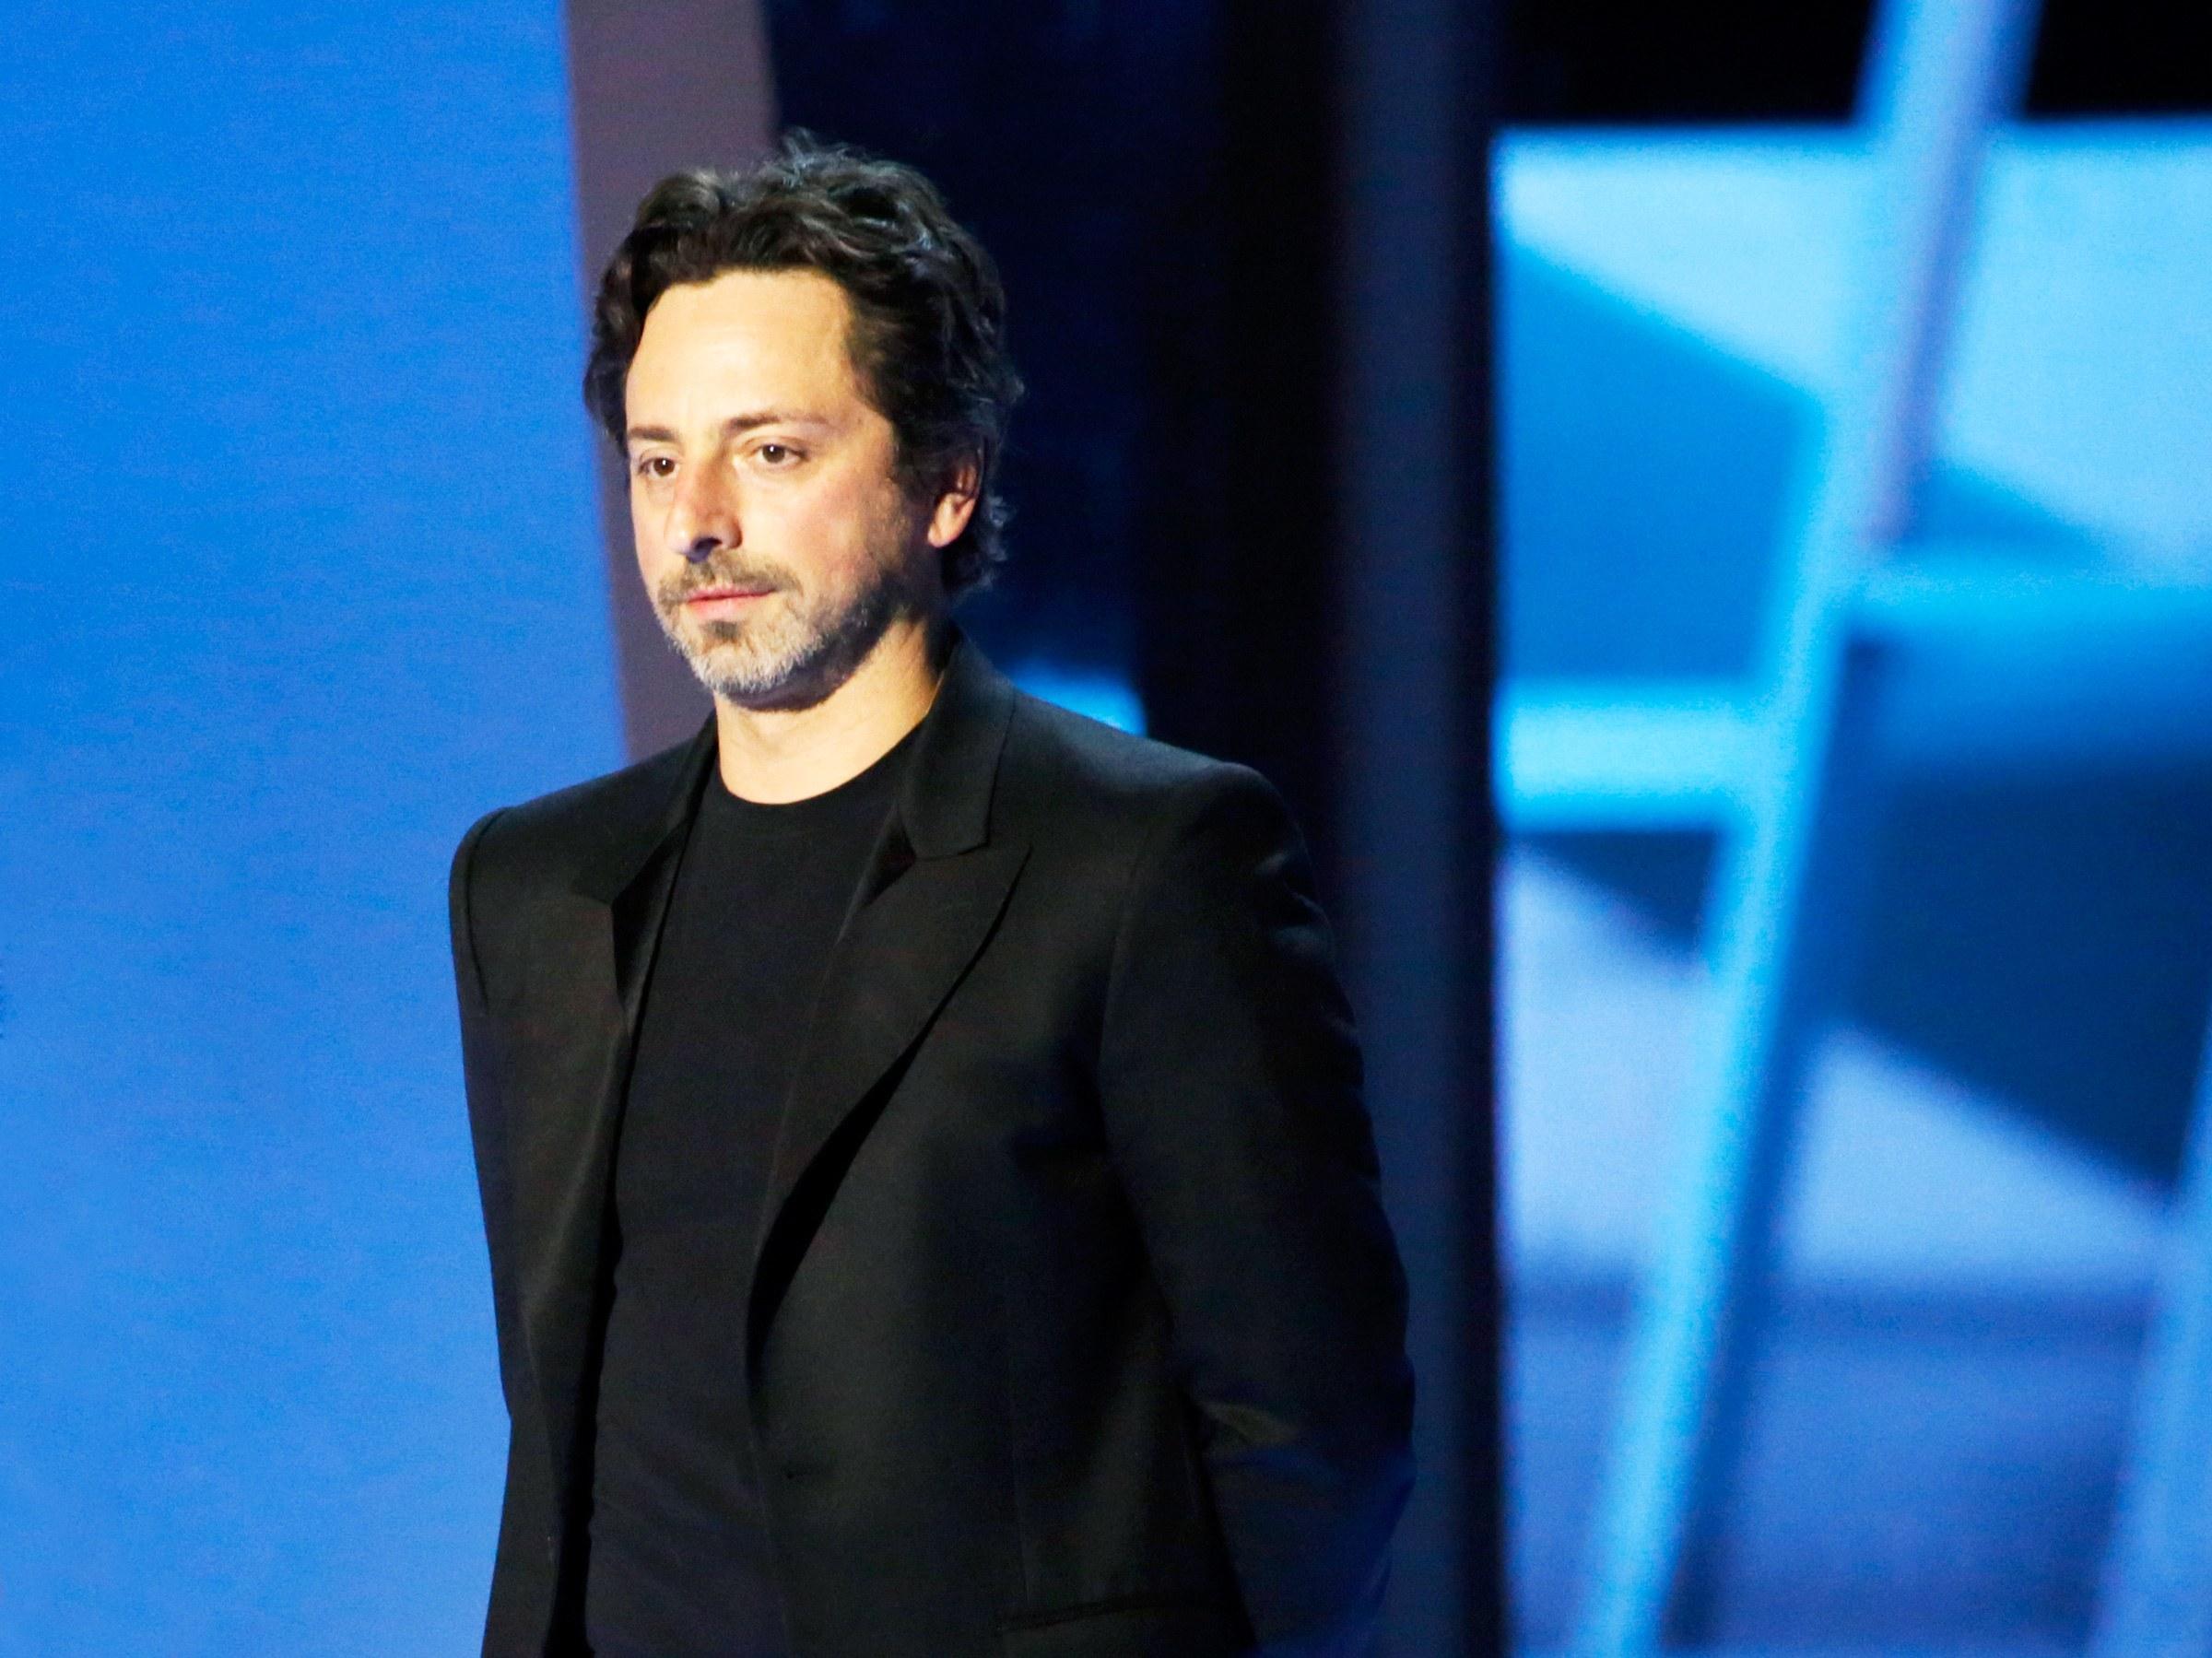 9-Sergey Brin 52,4milyar $